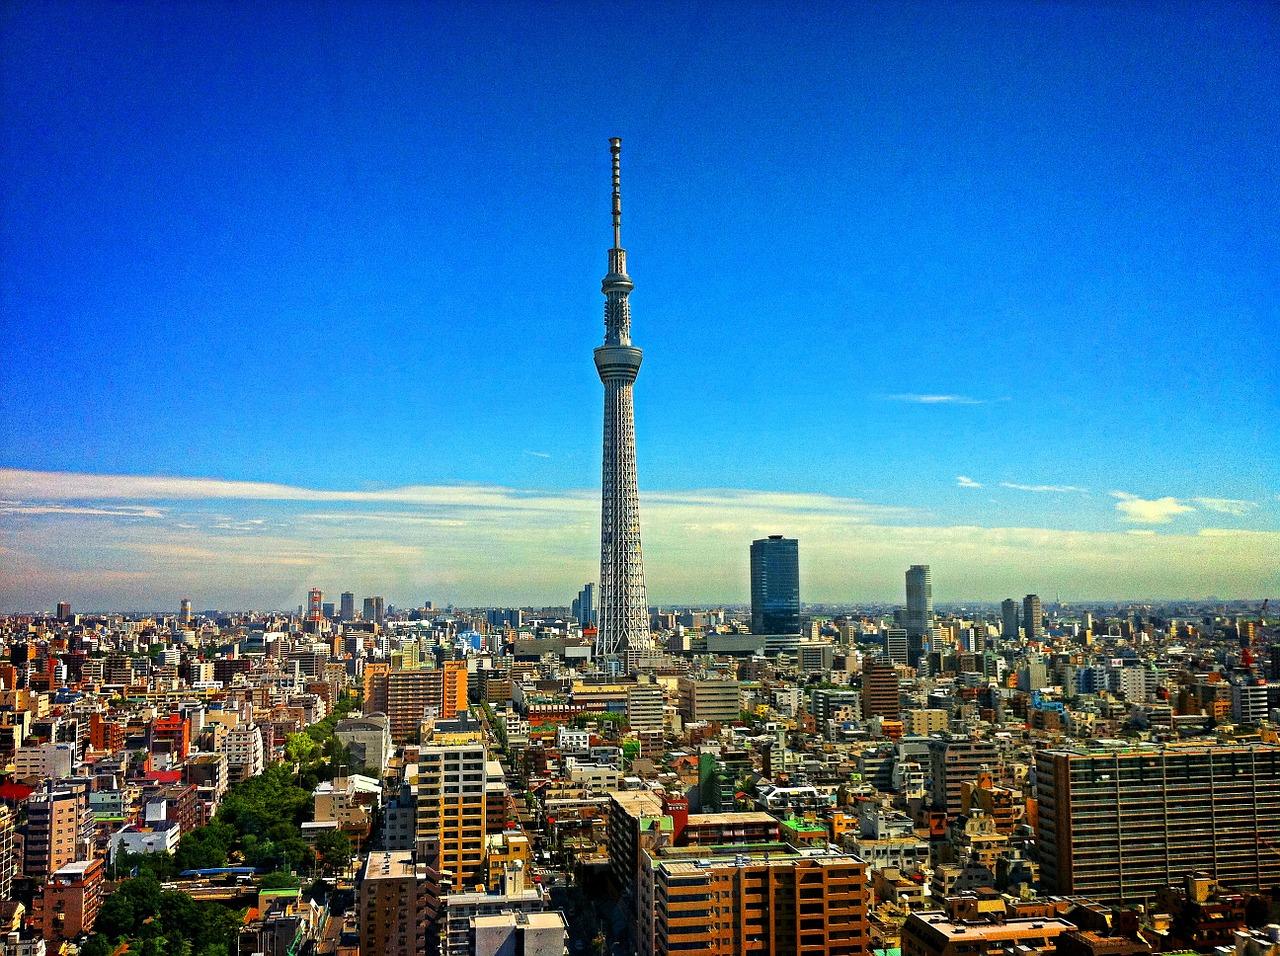 東京で、今日アウター何着よう案件、冬。